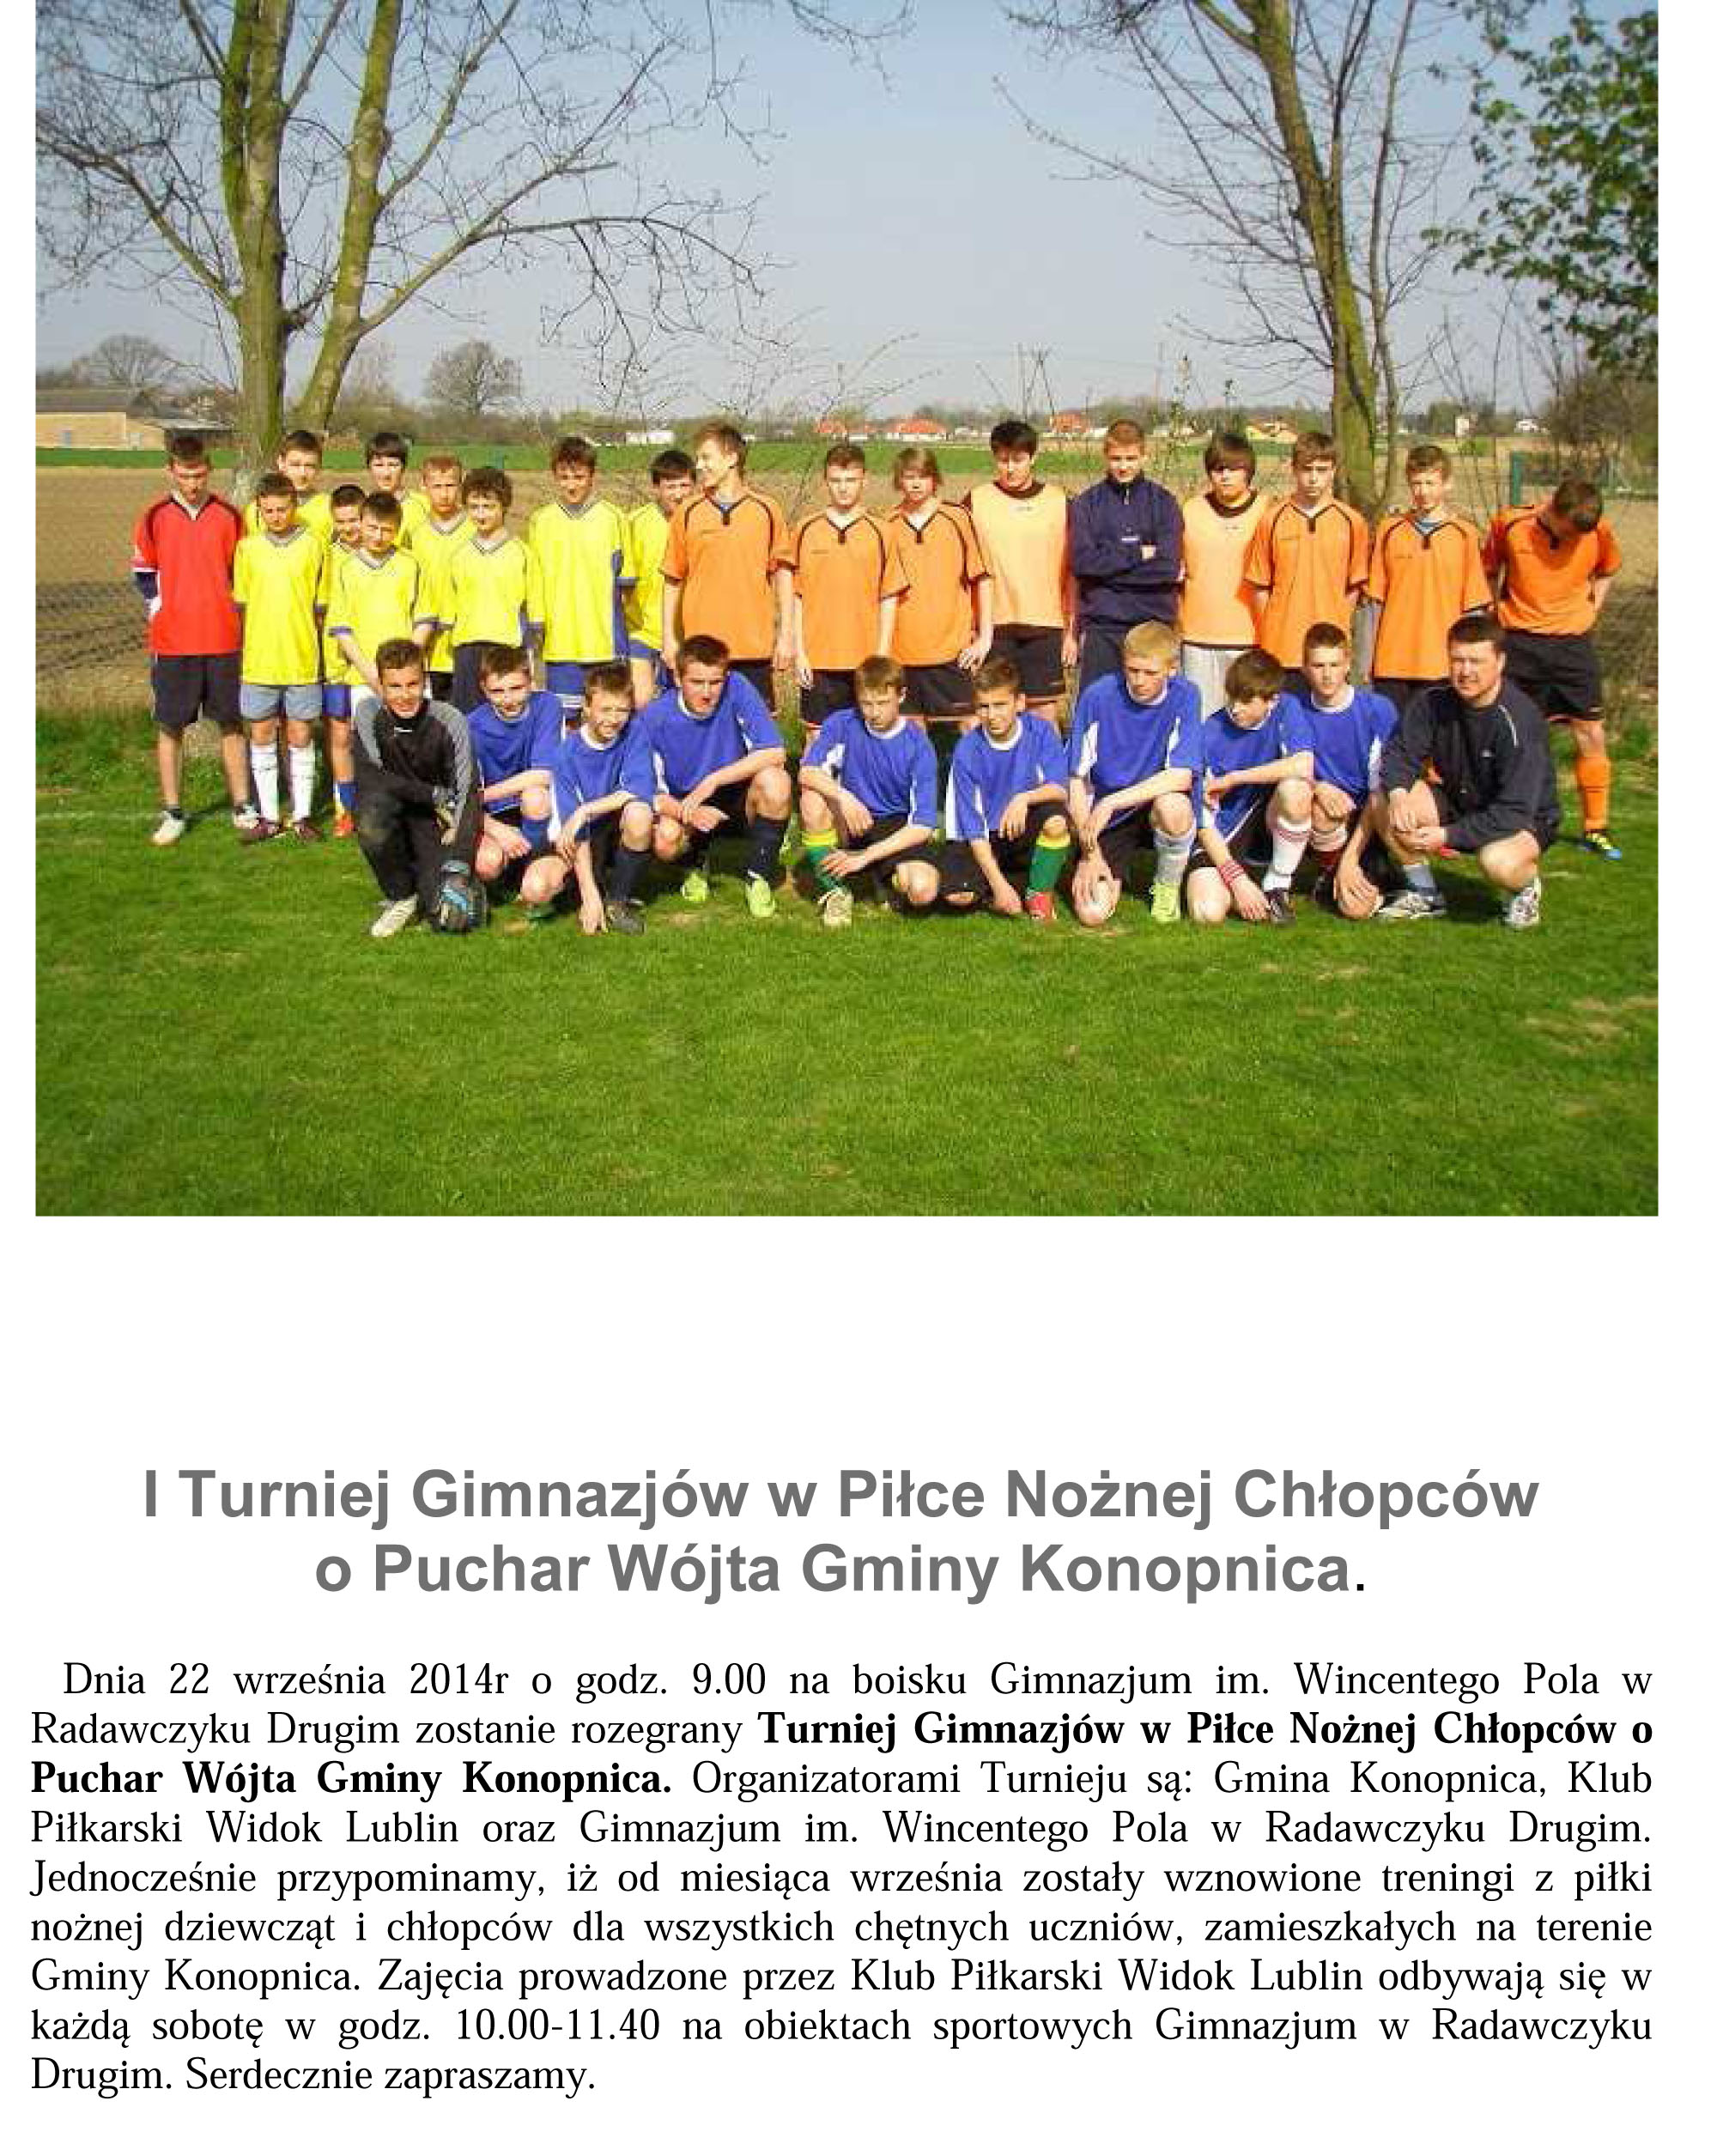 i_turniej_gimnazjw_w_pice_nonej_chopcw.jpg